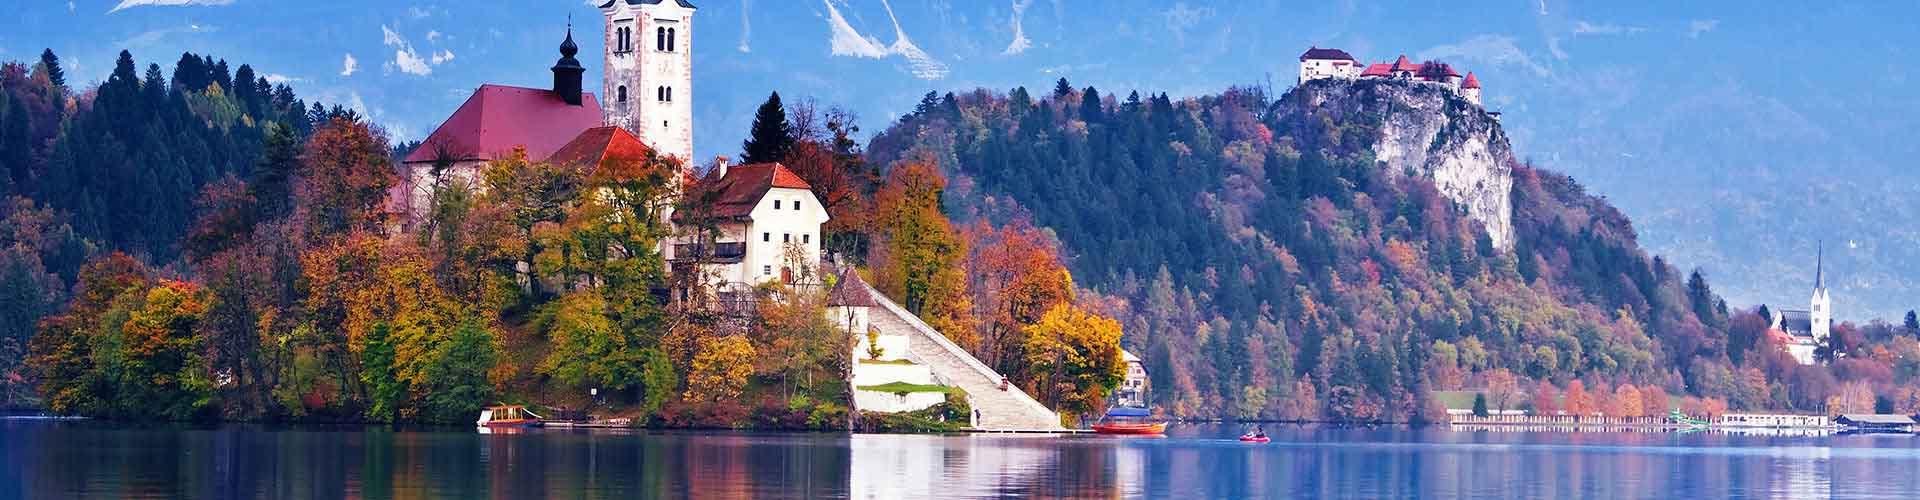 Bled - Hostele w mieście: Bled, Mapy: Bled, Zdjęcia i Recenzje dla każdego hostelu w mieście Bled.